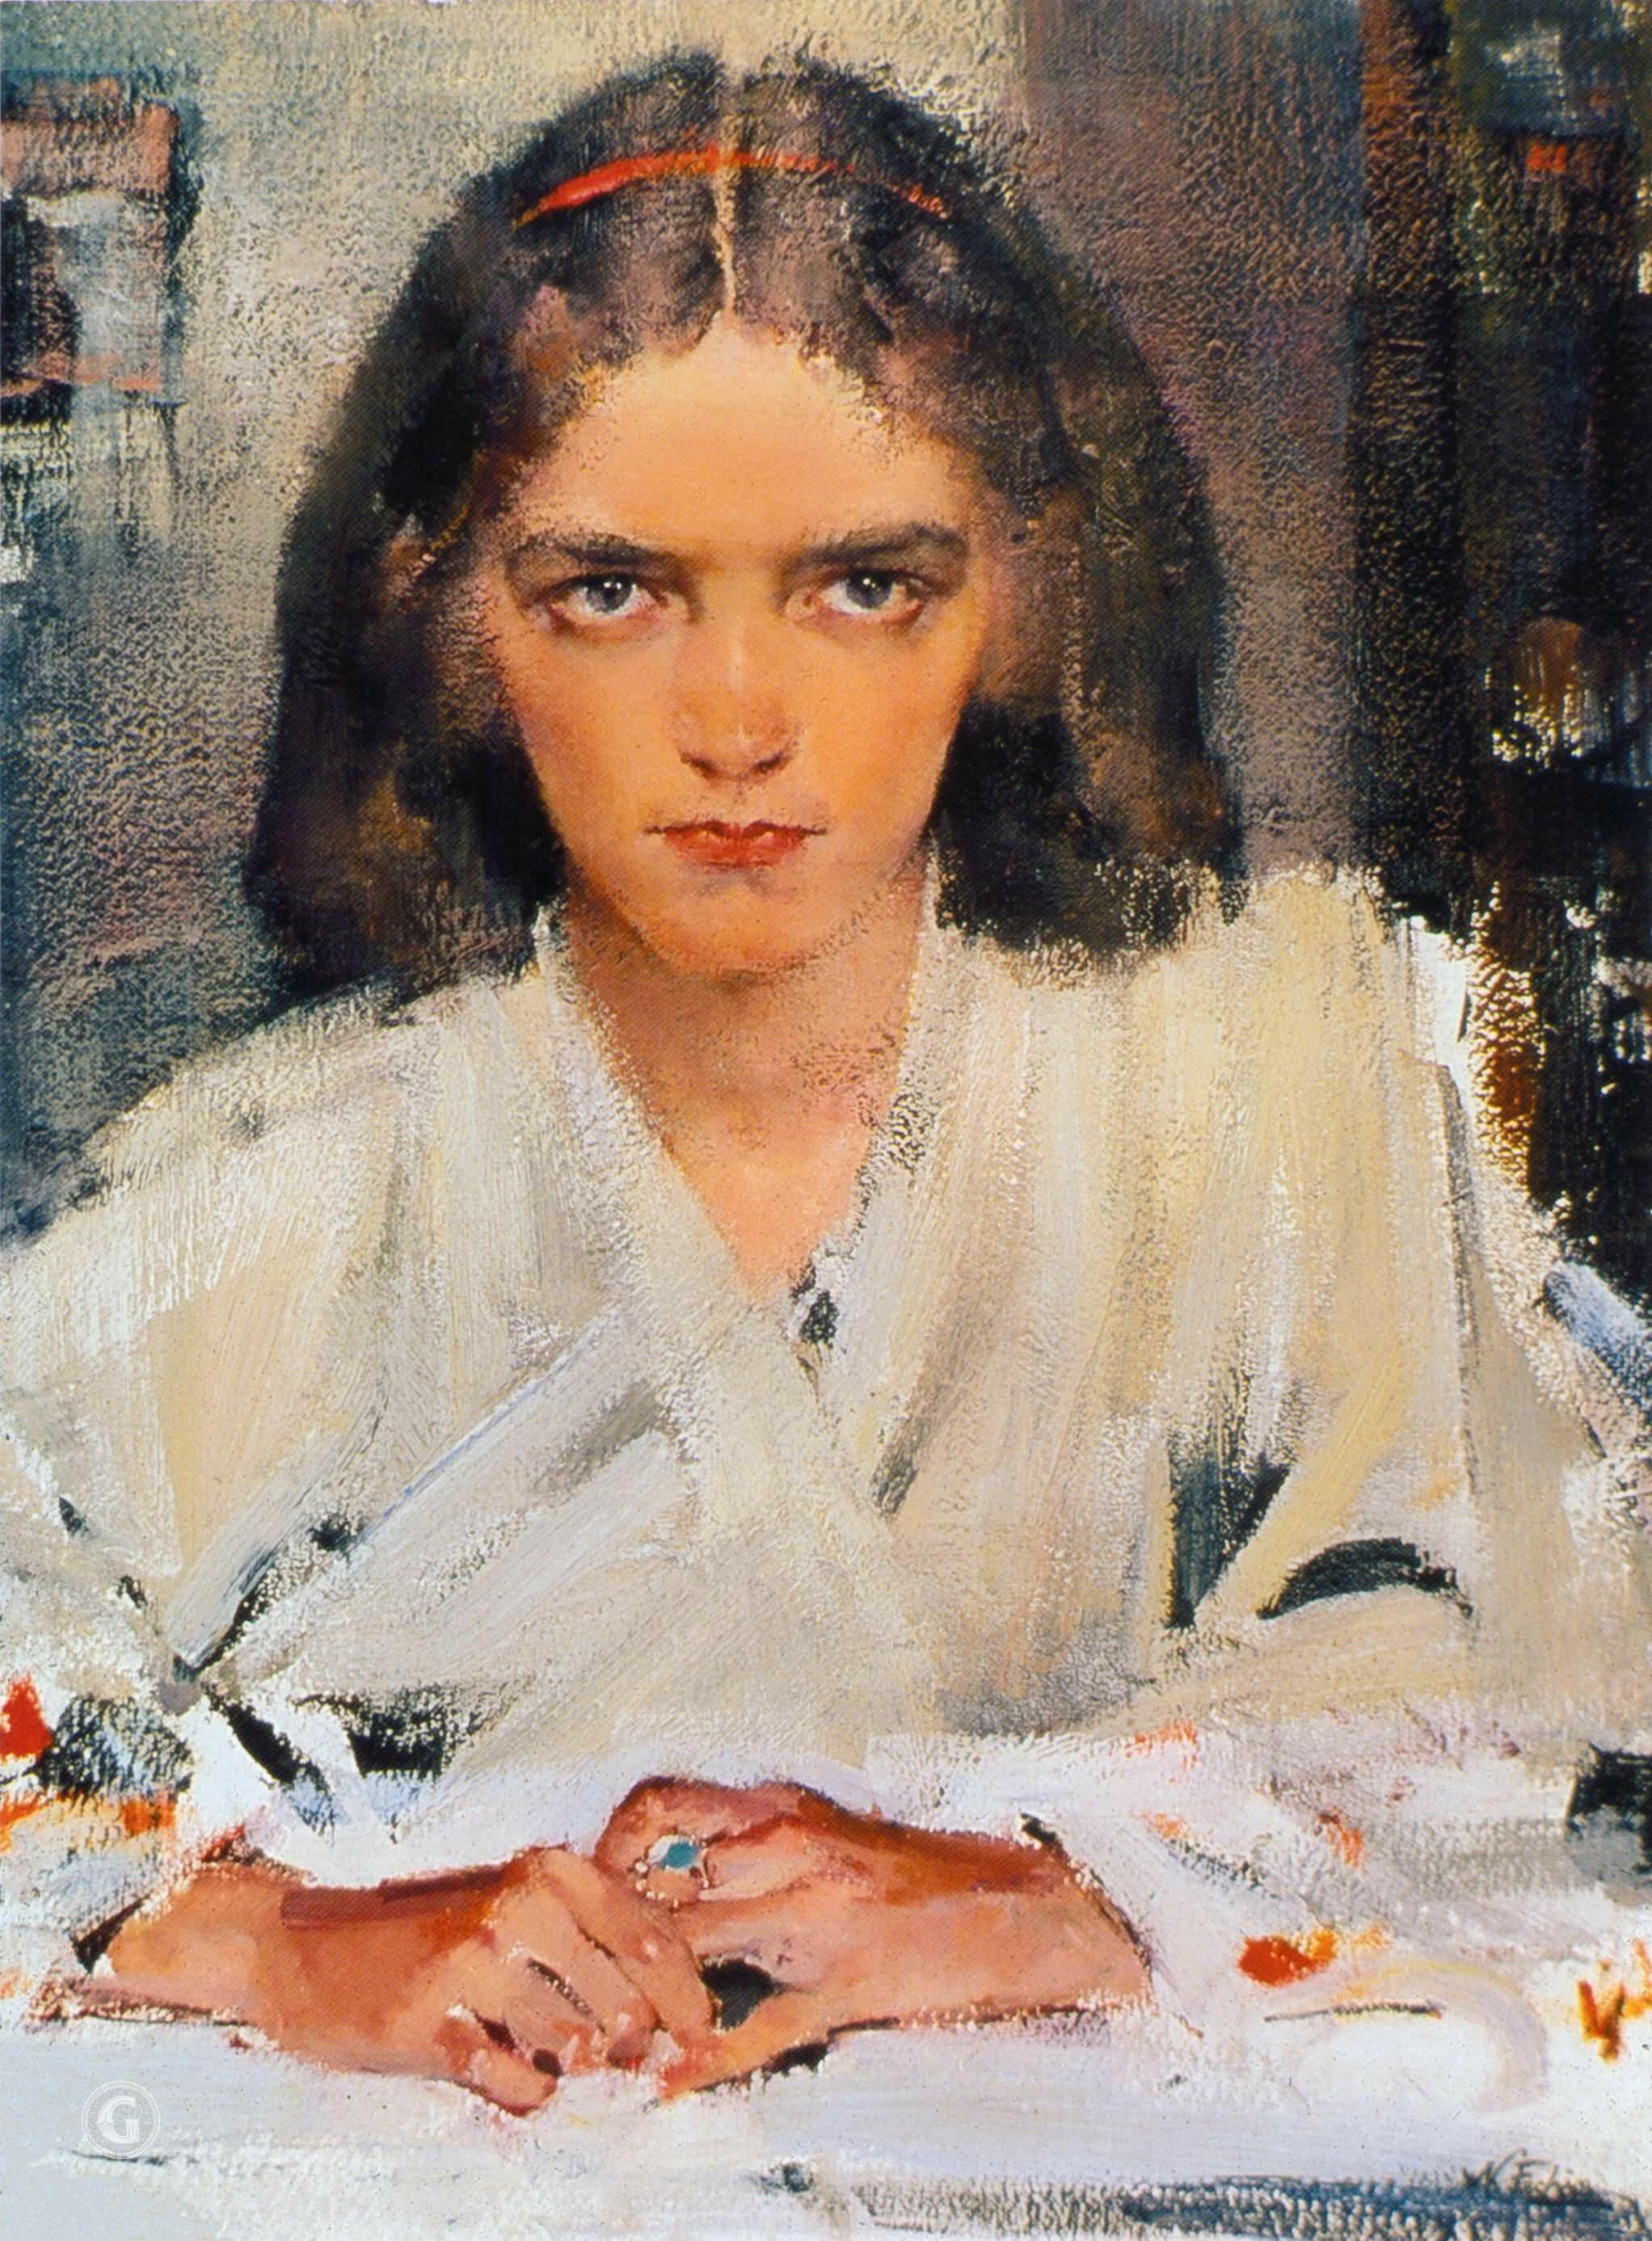 Николай Фешин. Ия в кимоно. Конец 1930-х.